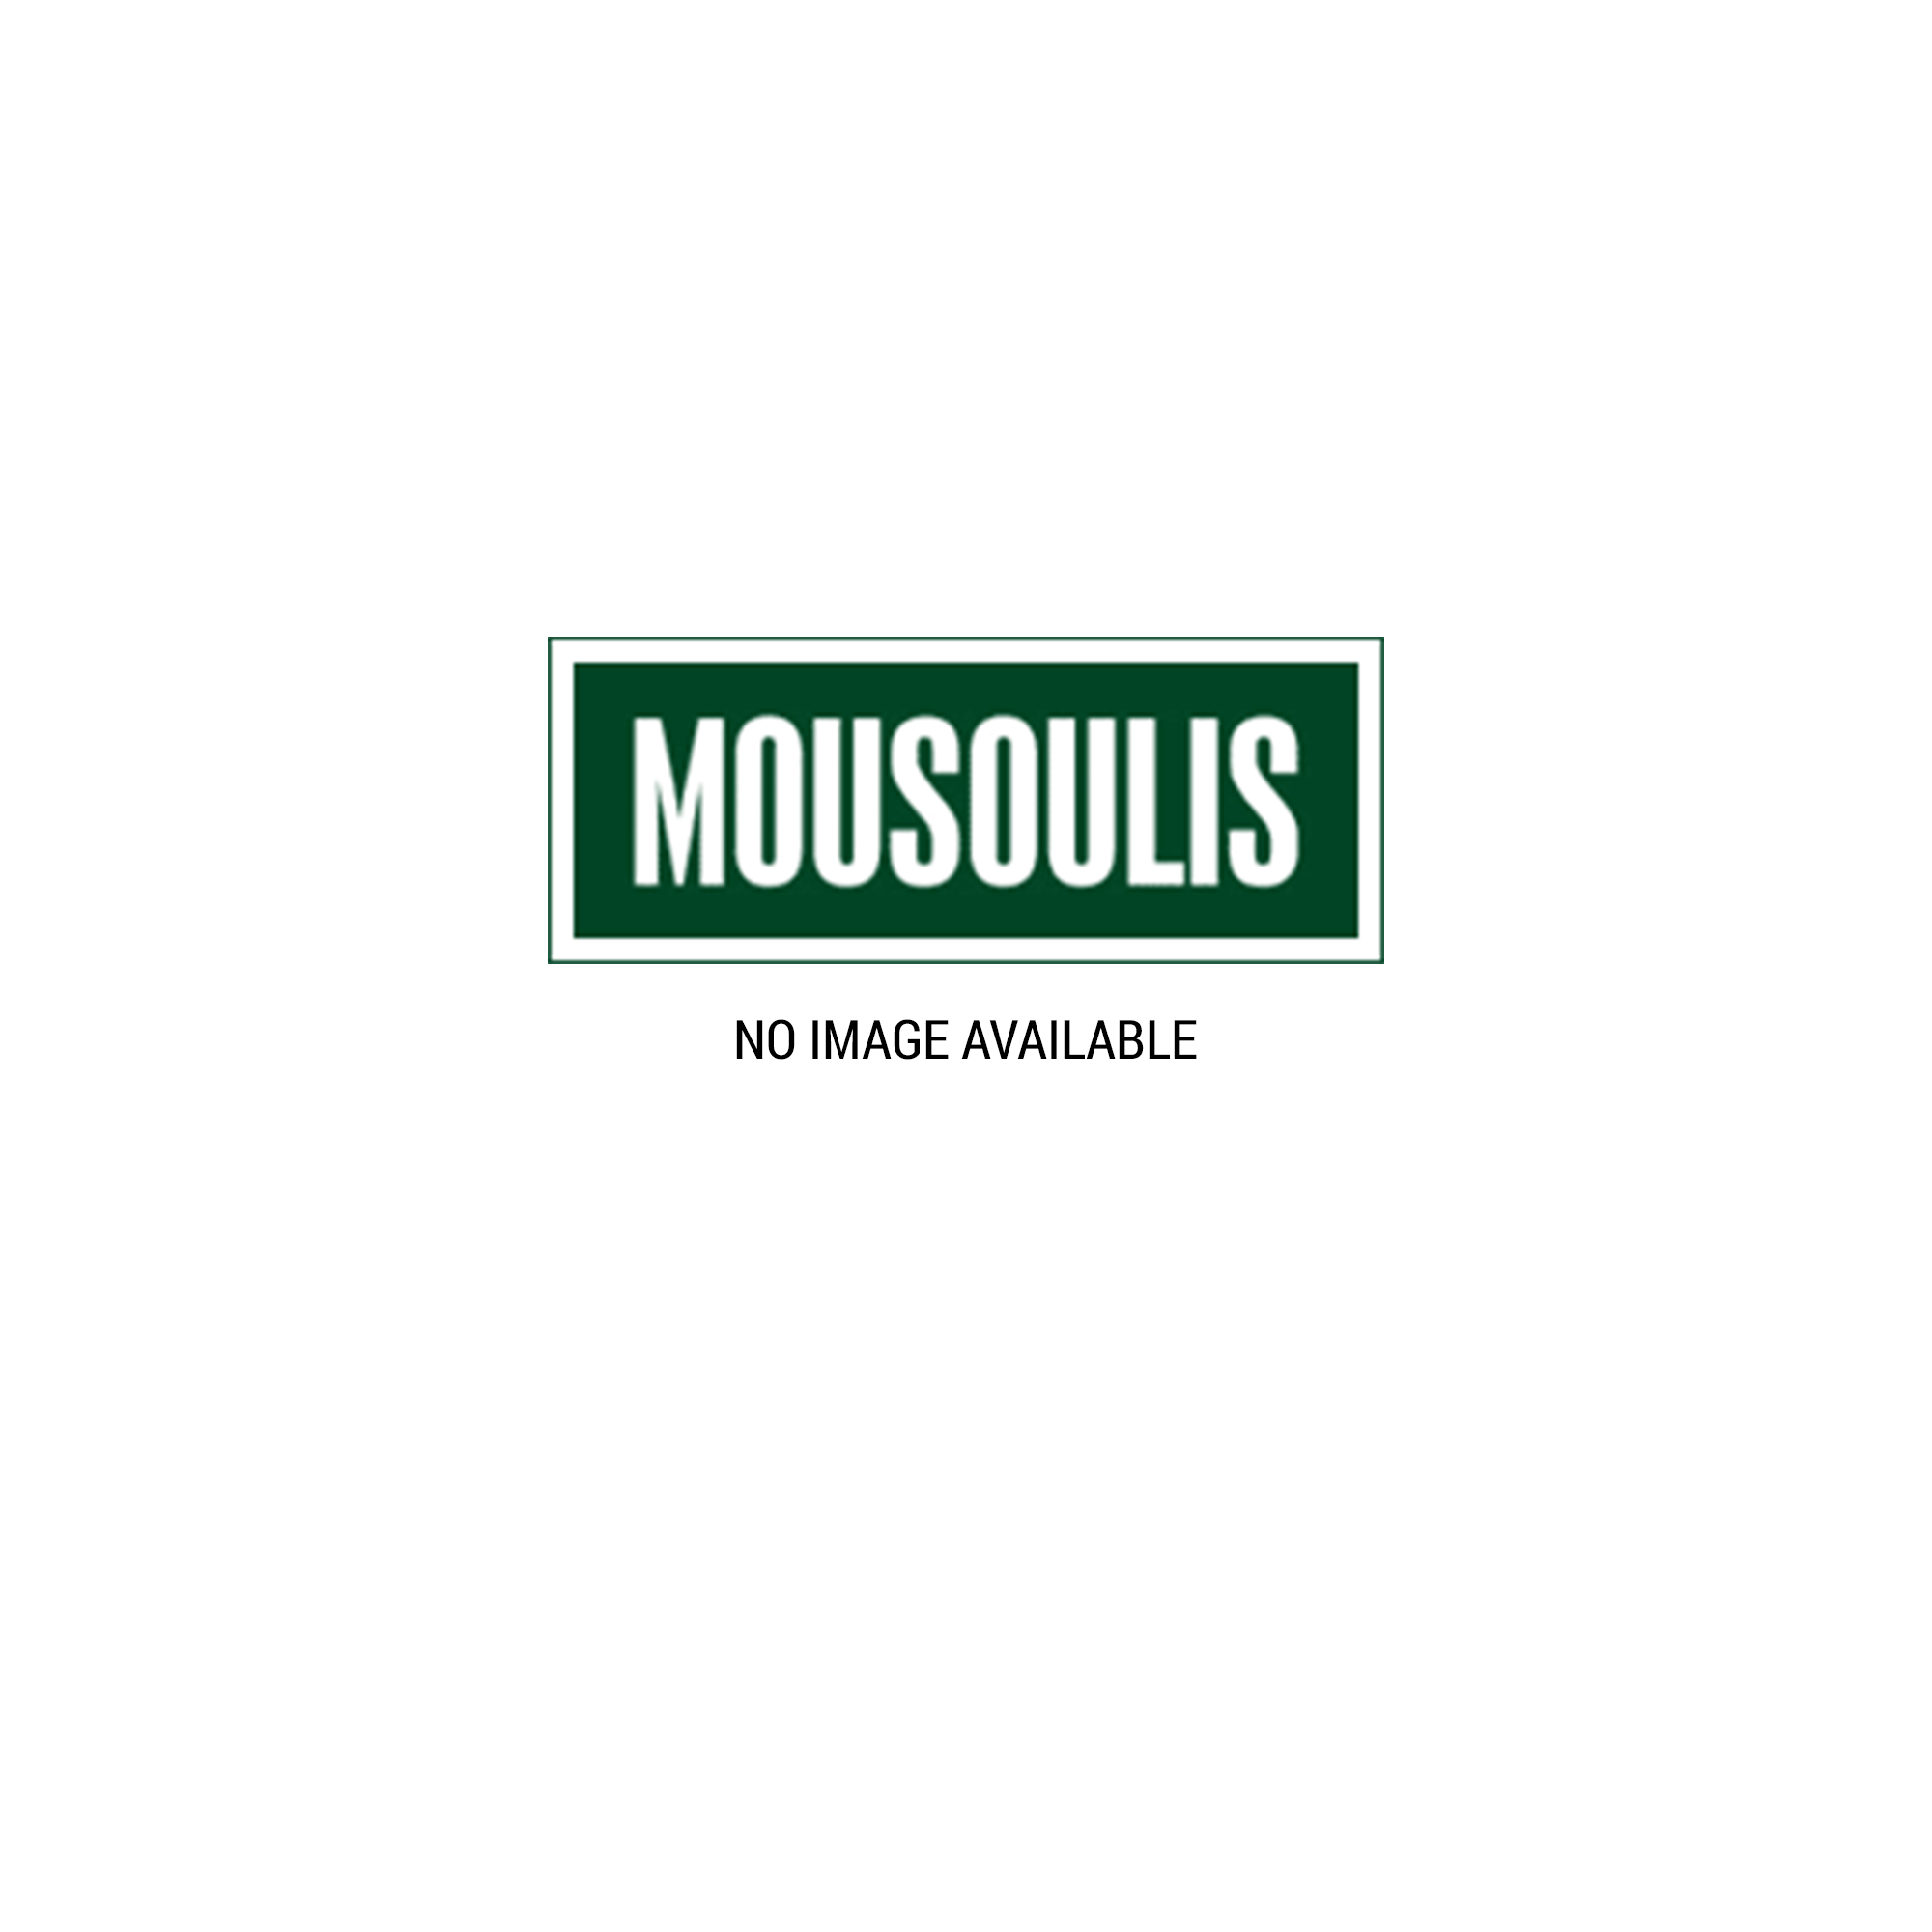 Παντόφλες Μοκασίνια Δερμάτινες με Γούνινη Επένδυση Monty MFO0217 Μπλε